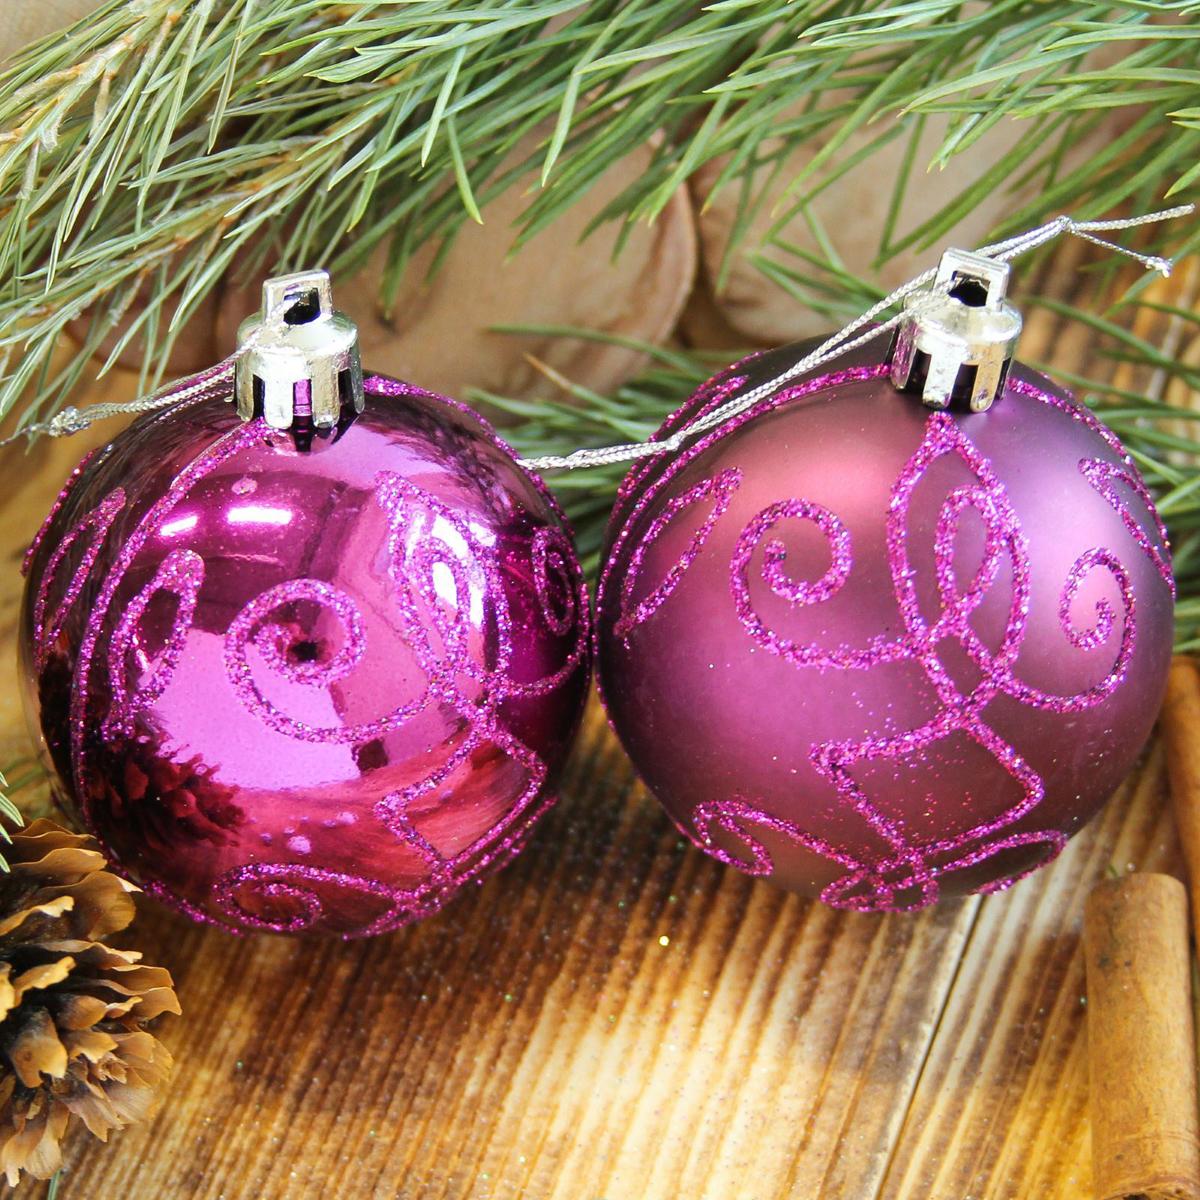 Набор новогодних подвесных украшений Sima-land Узорный, диаметр 6 см, 8 шт2122528Набор новогодних подвесных украшений Sima-land отлично подойдет для декорации вашего дома и новогодней ели. С помощью специальной петельки украшение можно повесить в любом понравившемся вам месте. Но, конечно, удачнее всего оно будет смотреться на праздничной елке. Елочная игрушка - символ Нового года. Она несет в себе волшебство и красоту праздника. Создайте в своем доме атмосферу веселья и радости, украшая новогоднюю елку нарядными игрушками, которые будут из года в год накапливать теплоту воспоминаний.